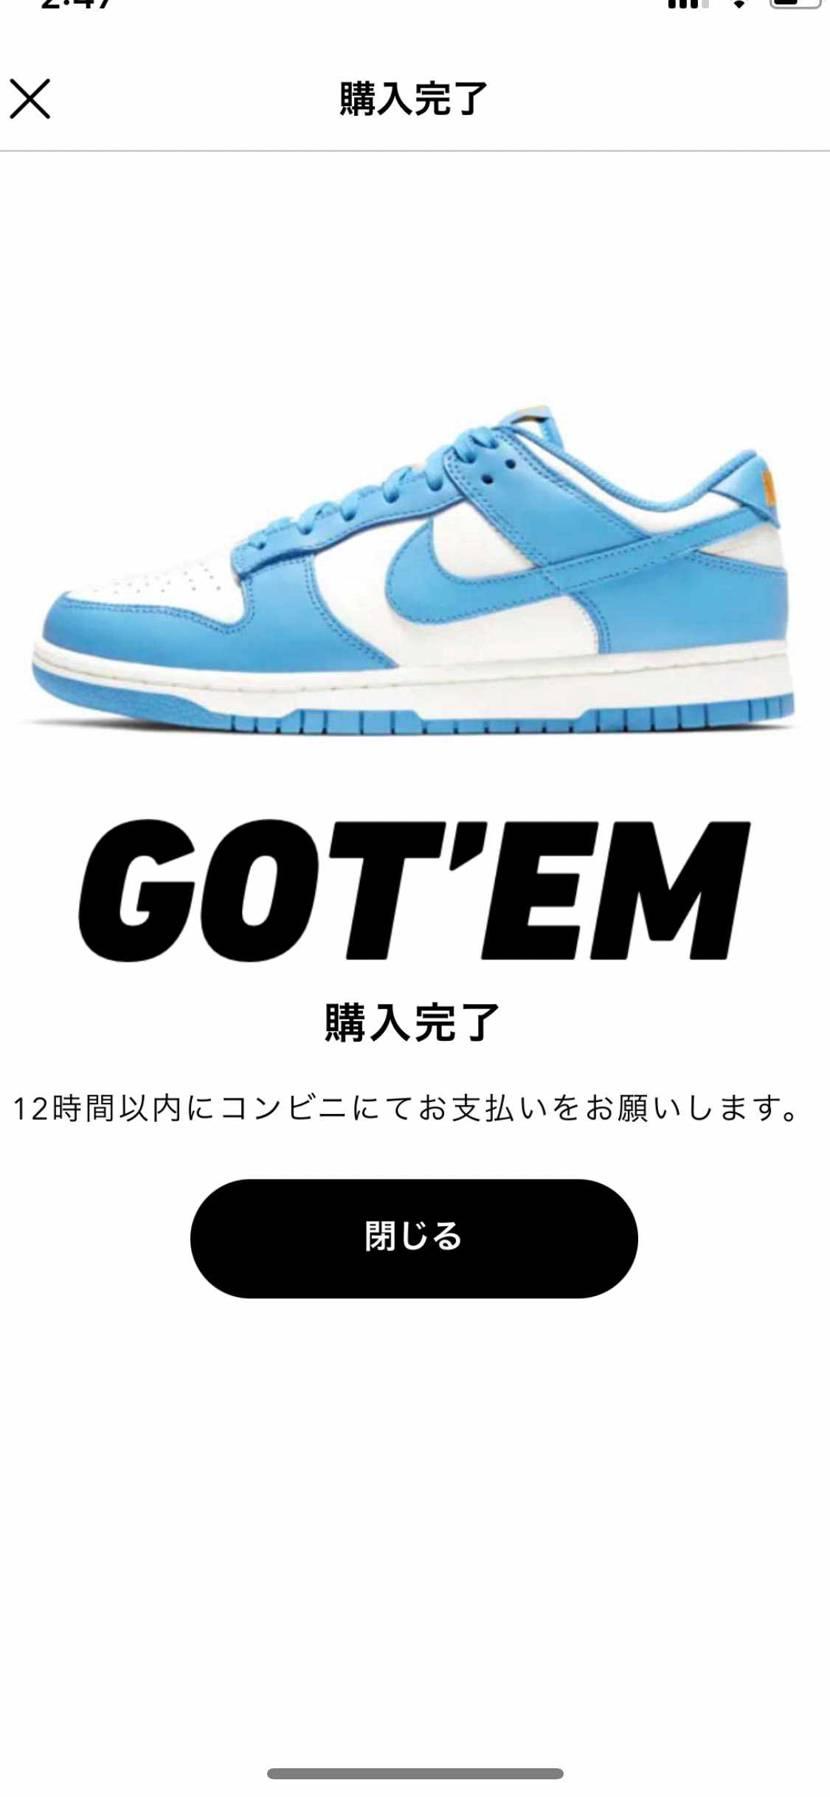 Got Em!!! 楽しみ~😆